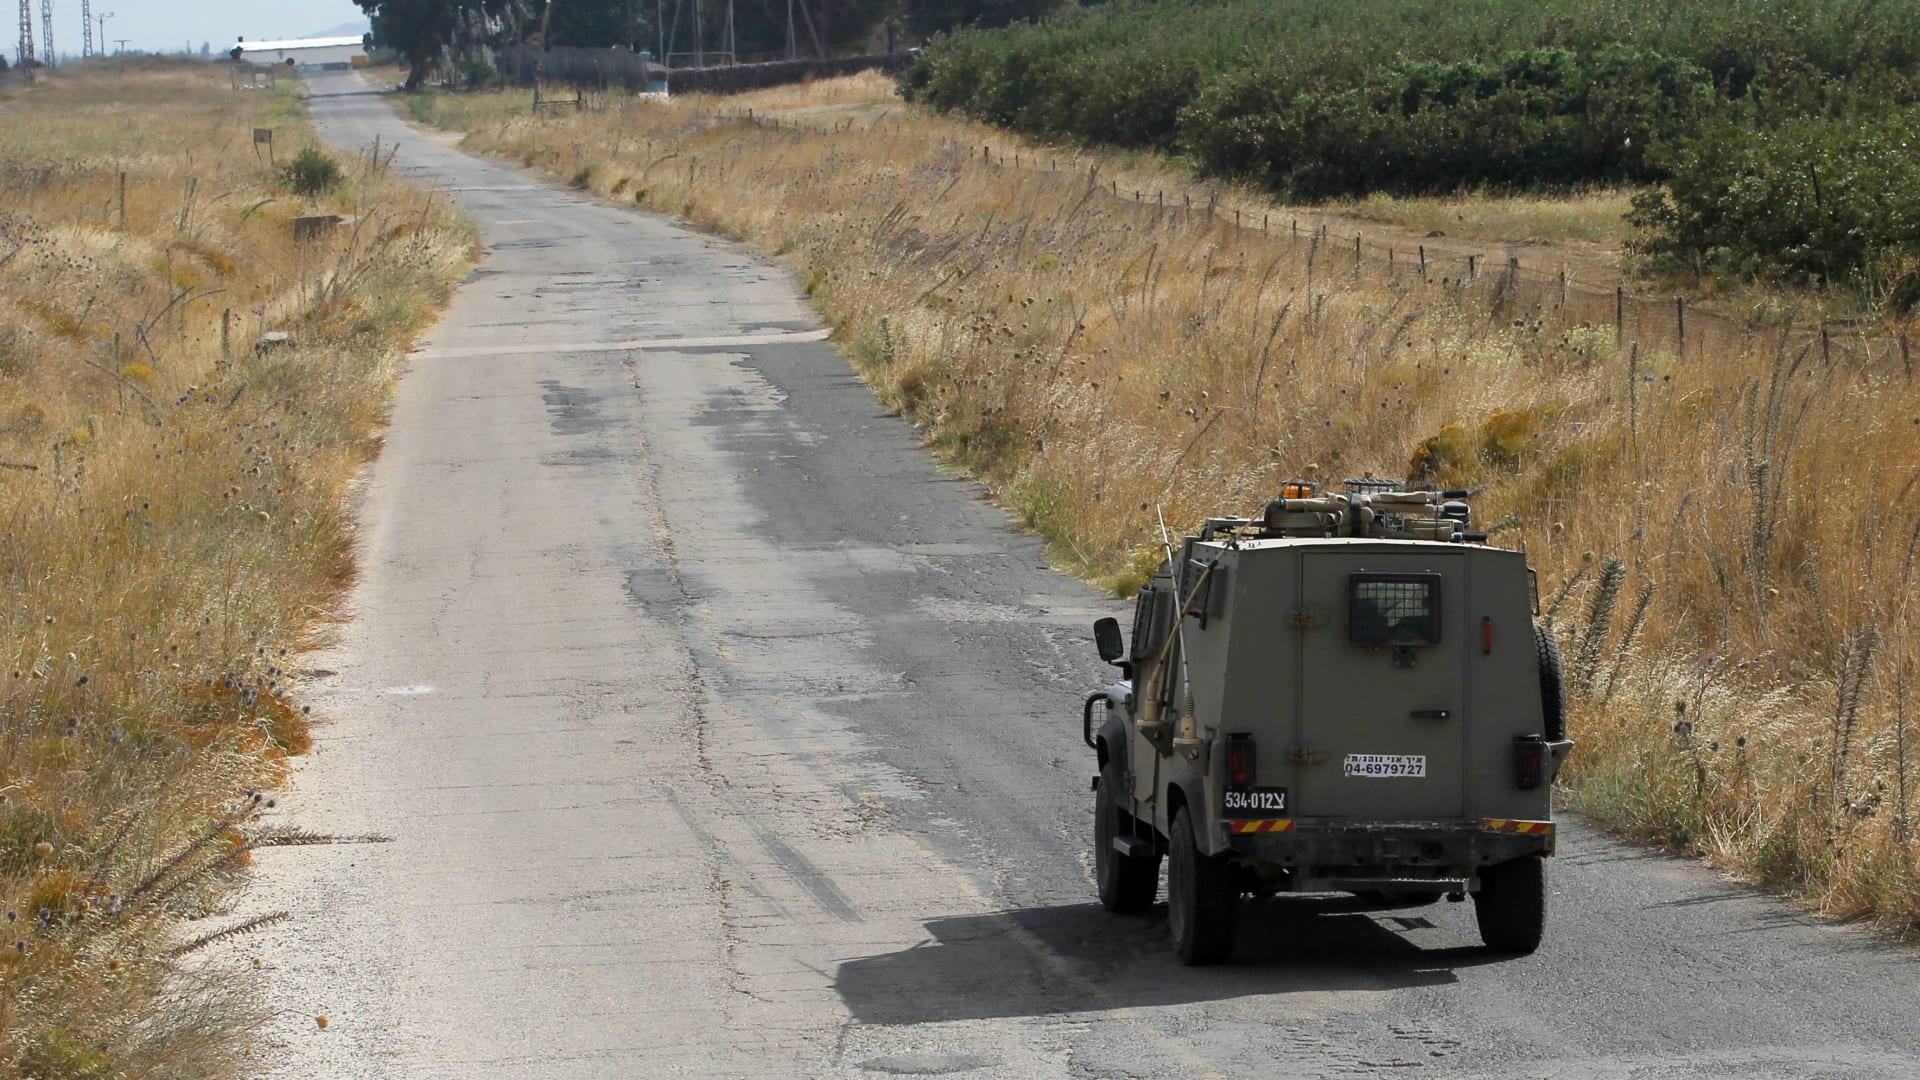 """أفيخاي أدرعي: إسرائيل """"أنقذت"""" ناشطين سوريين بناء على طلب أمريكا وأوروبا"""